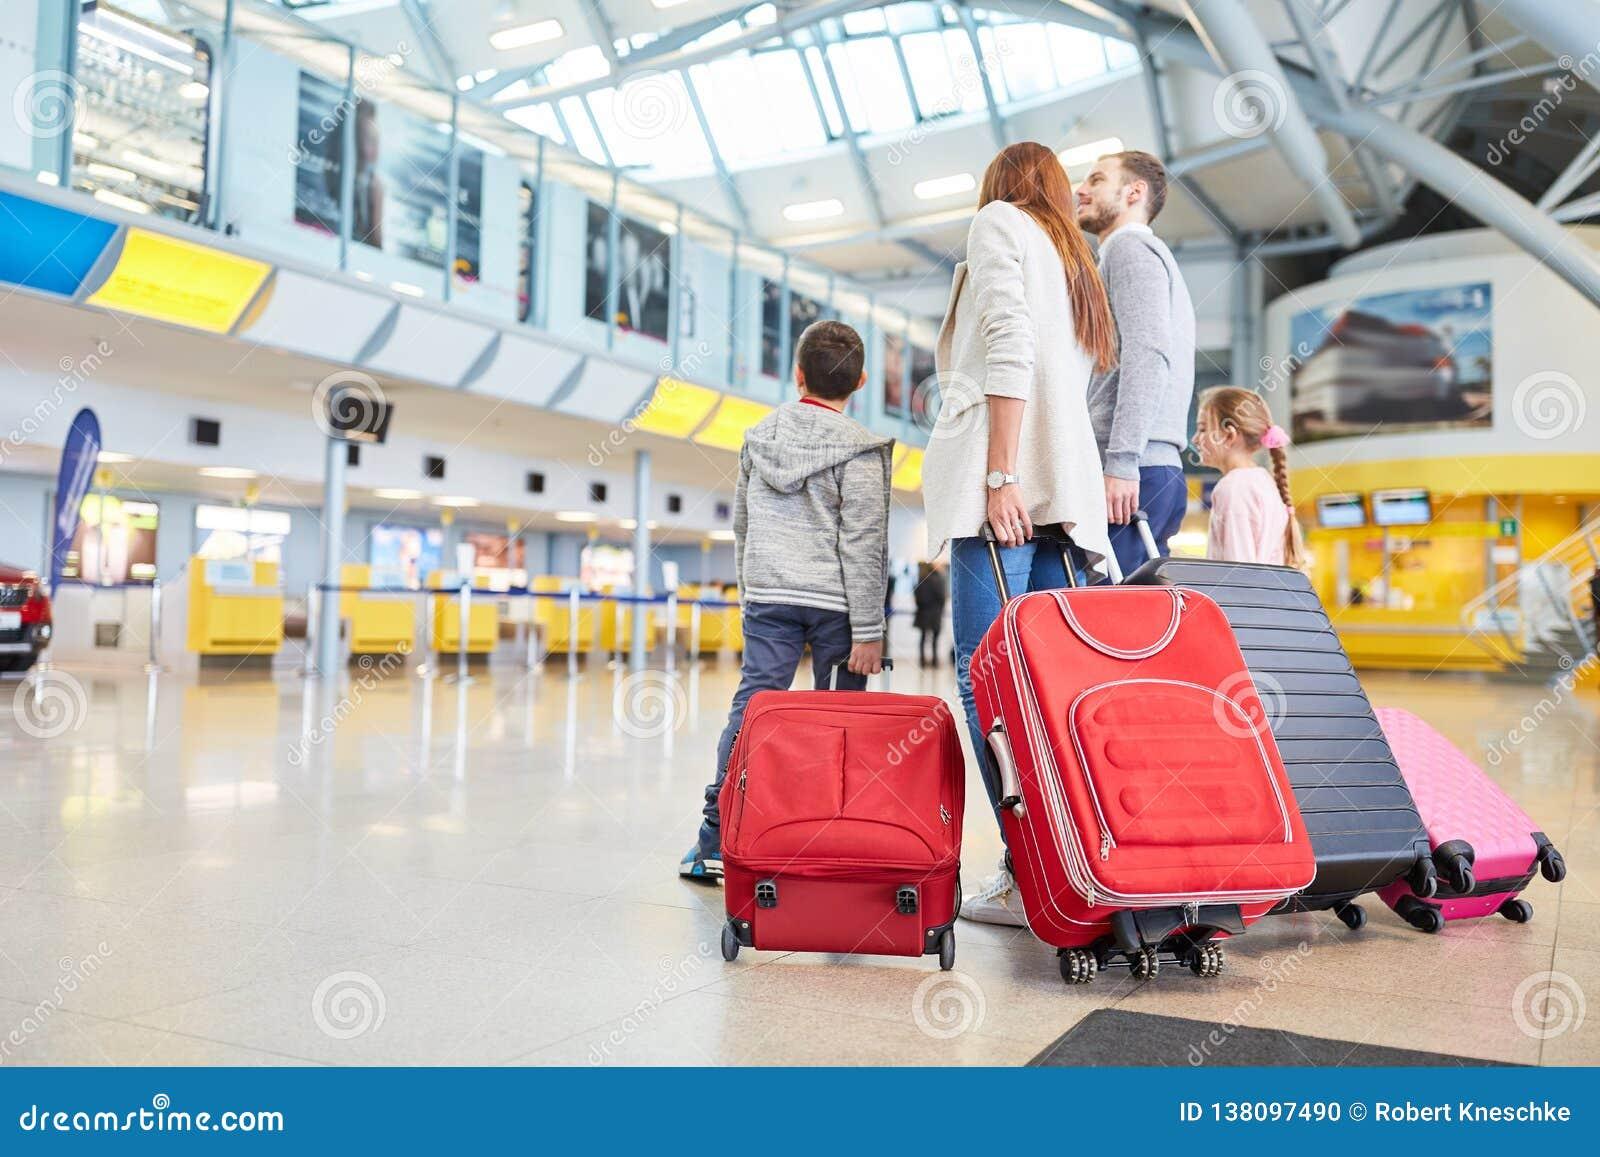 Familie und Kinder im Flughafen warten auf Abfahrt